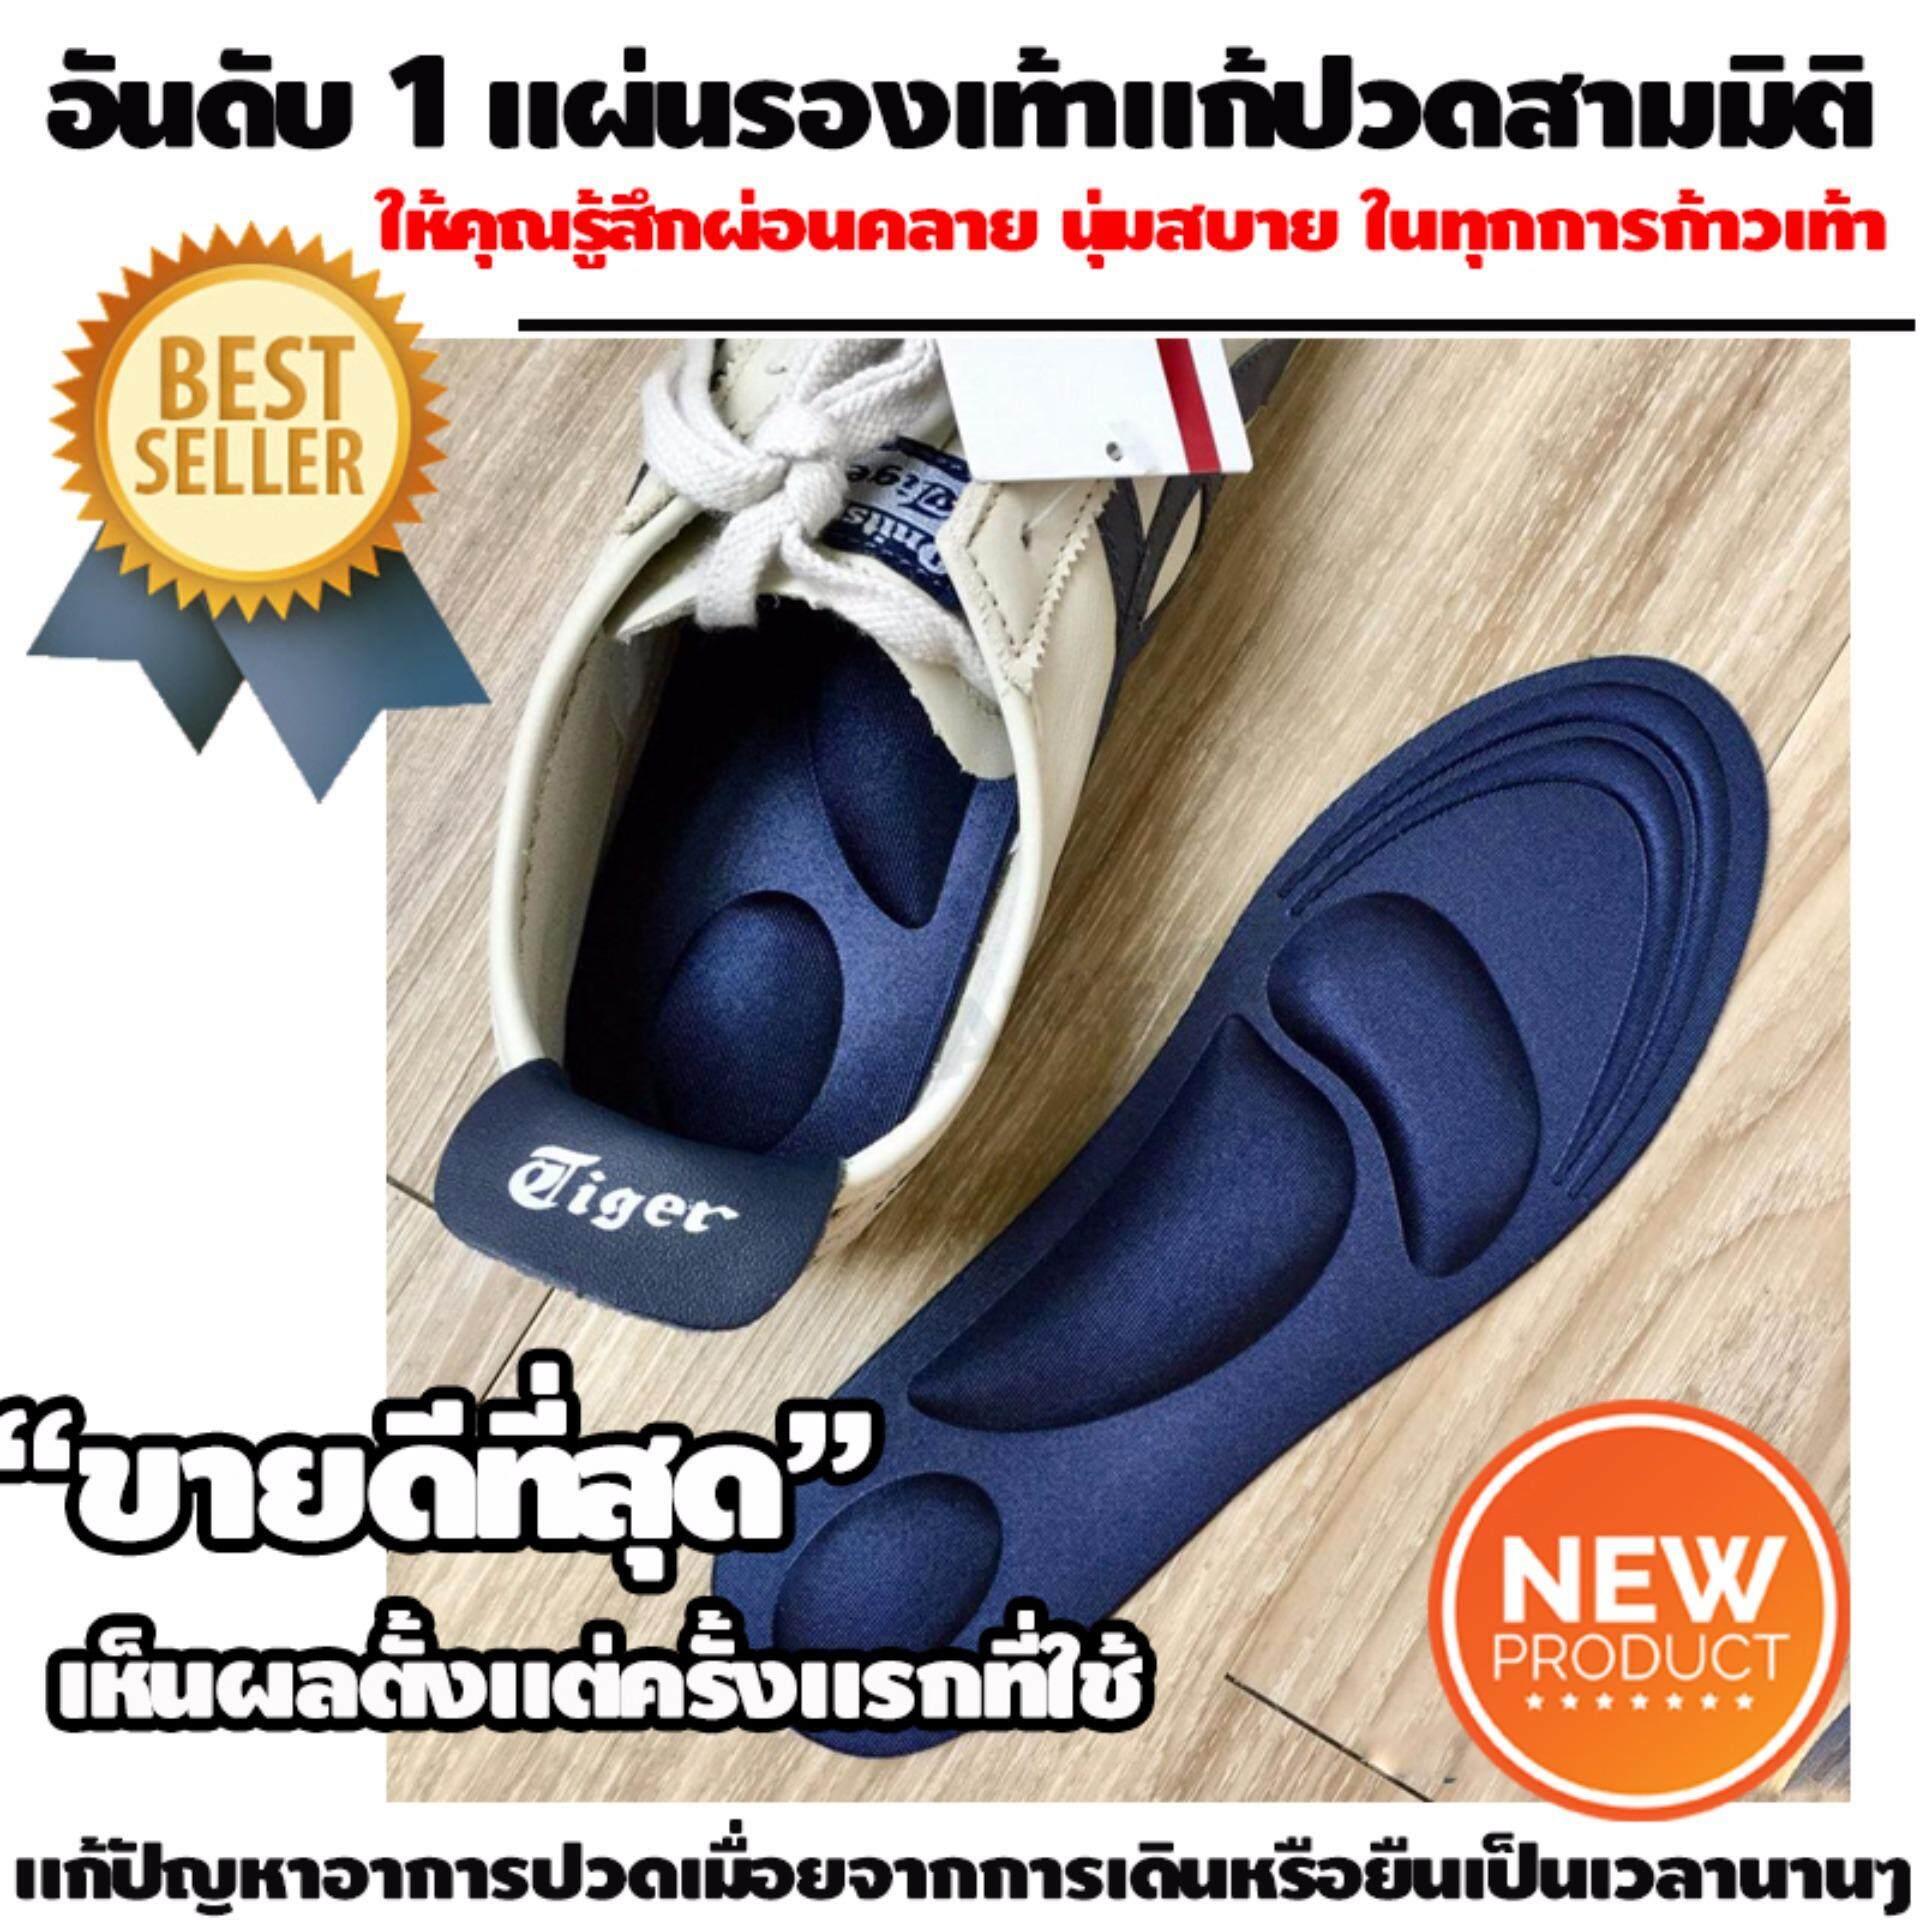 ( สำหรับผู้ชาย Size : 24.5cm - 27.5cm ) แผ่นรองเท้า บรรเทาอาการปวดเมื่อยเท้า รองช้ำ เสริมรองเท้า ให้ความรู้สึกนุ่มสบาย ลดอาการเหนื่อยล้าจากการเดินเป็นเวลานานๆ SUPPORT 3D FOOT ลิขสิทธิ์ของแท้ลดกลิ่นเหม็นอับ ใช้งานได้นาน ถูกต้องตามหลักสรีระการกดจุดของเท้า